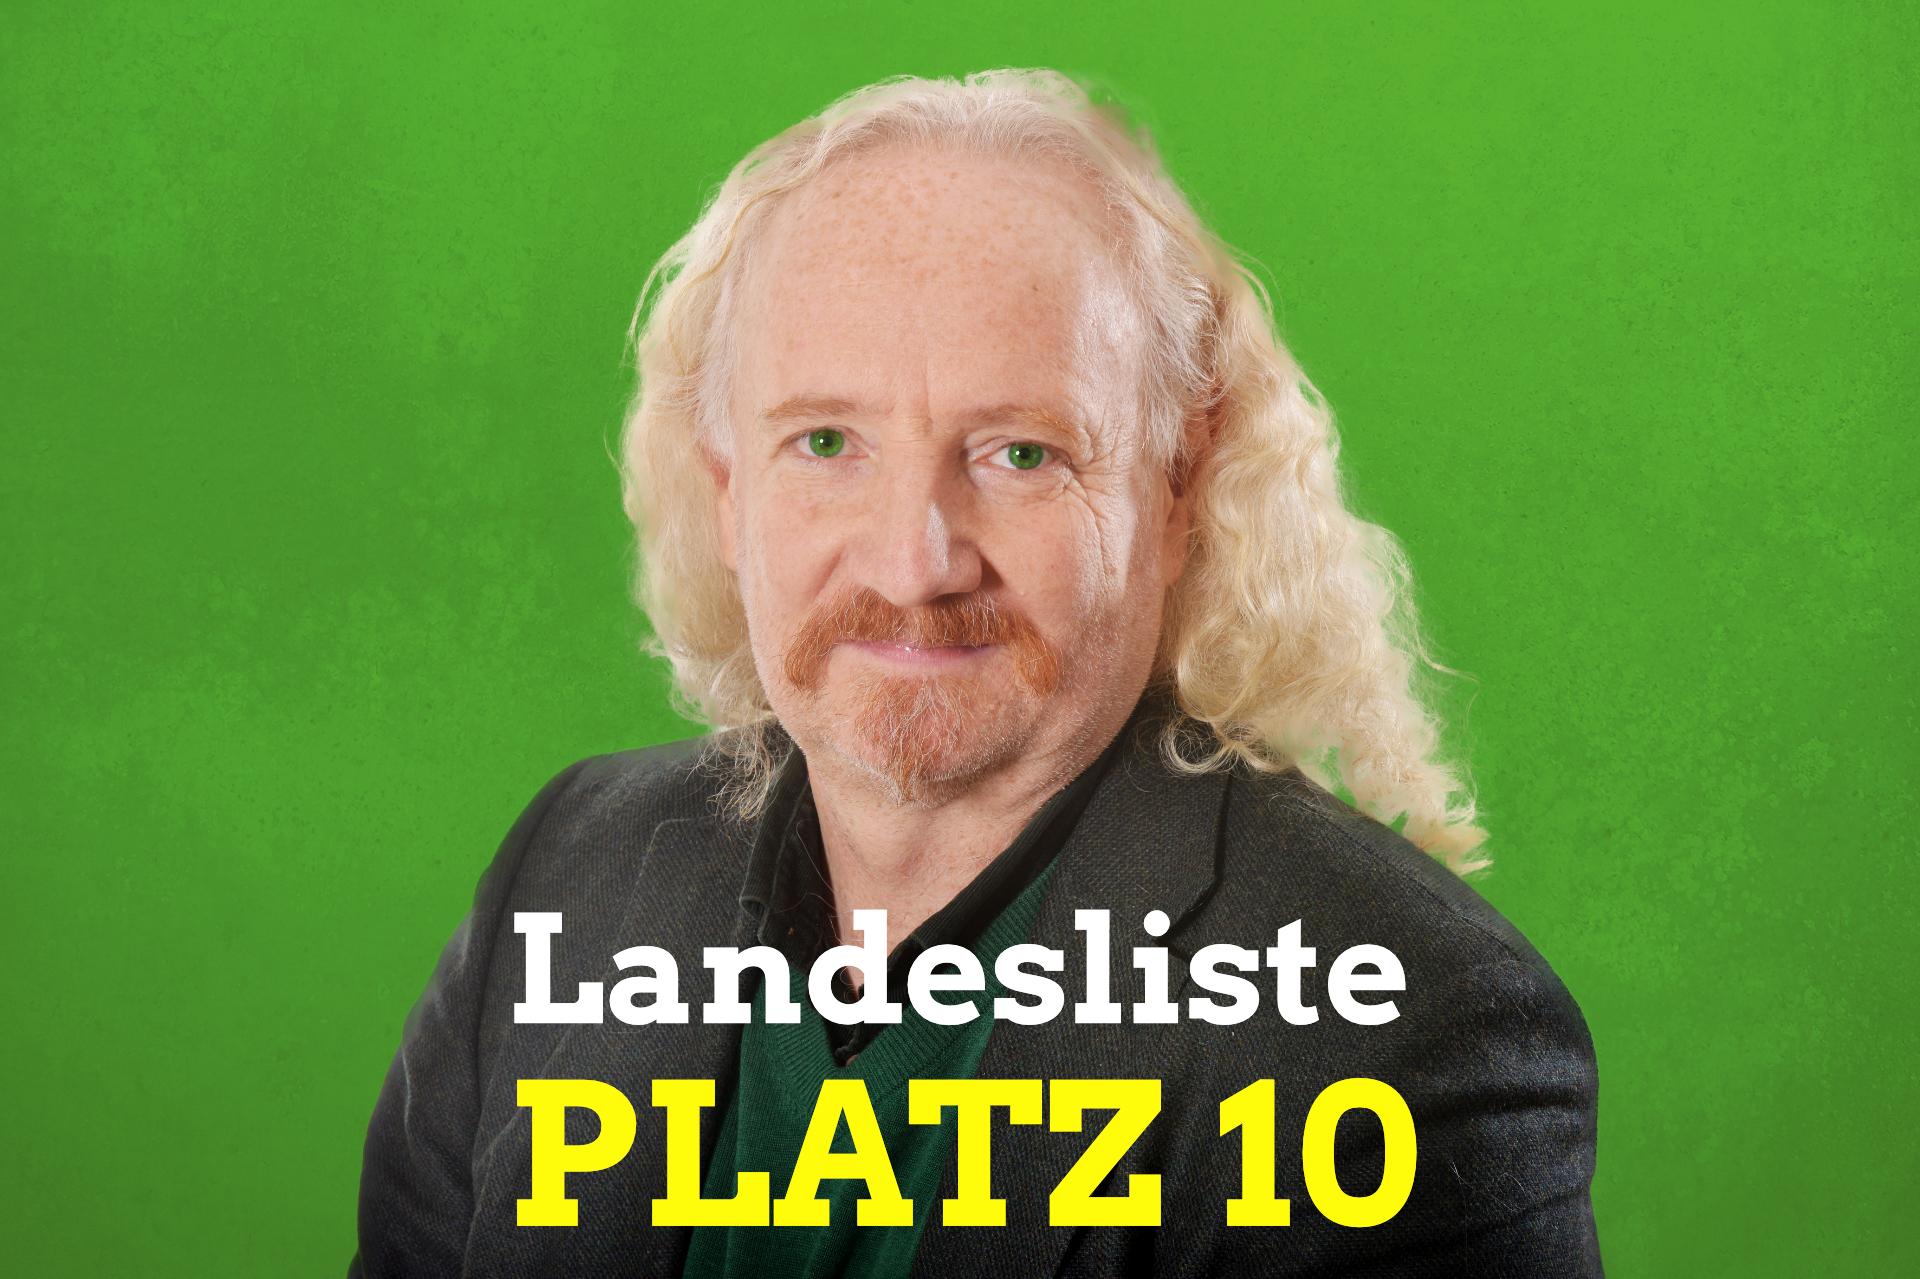 Wolfgang Schlagwein Landesliste Platz 10